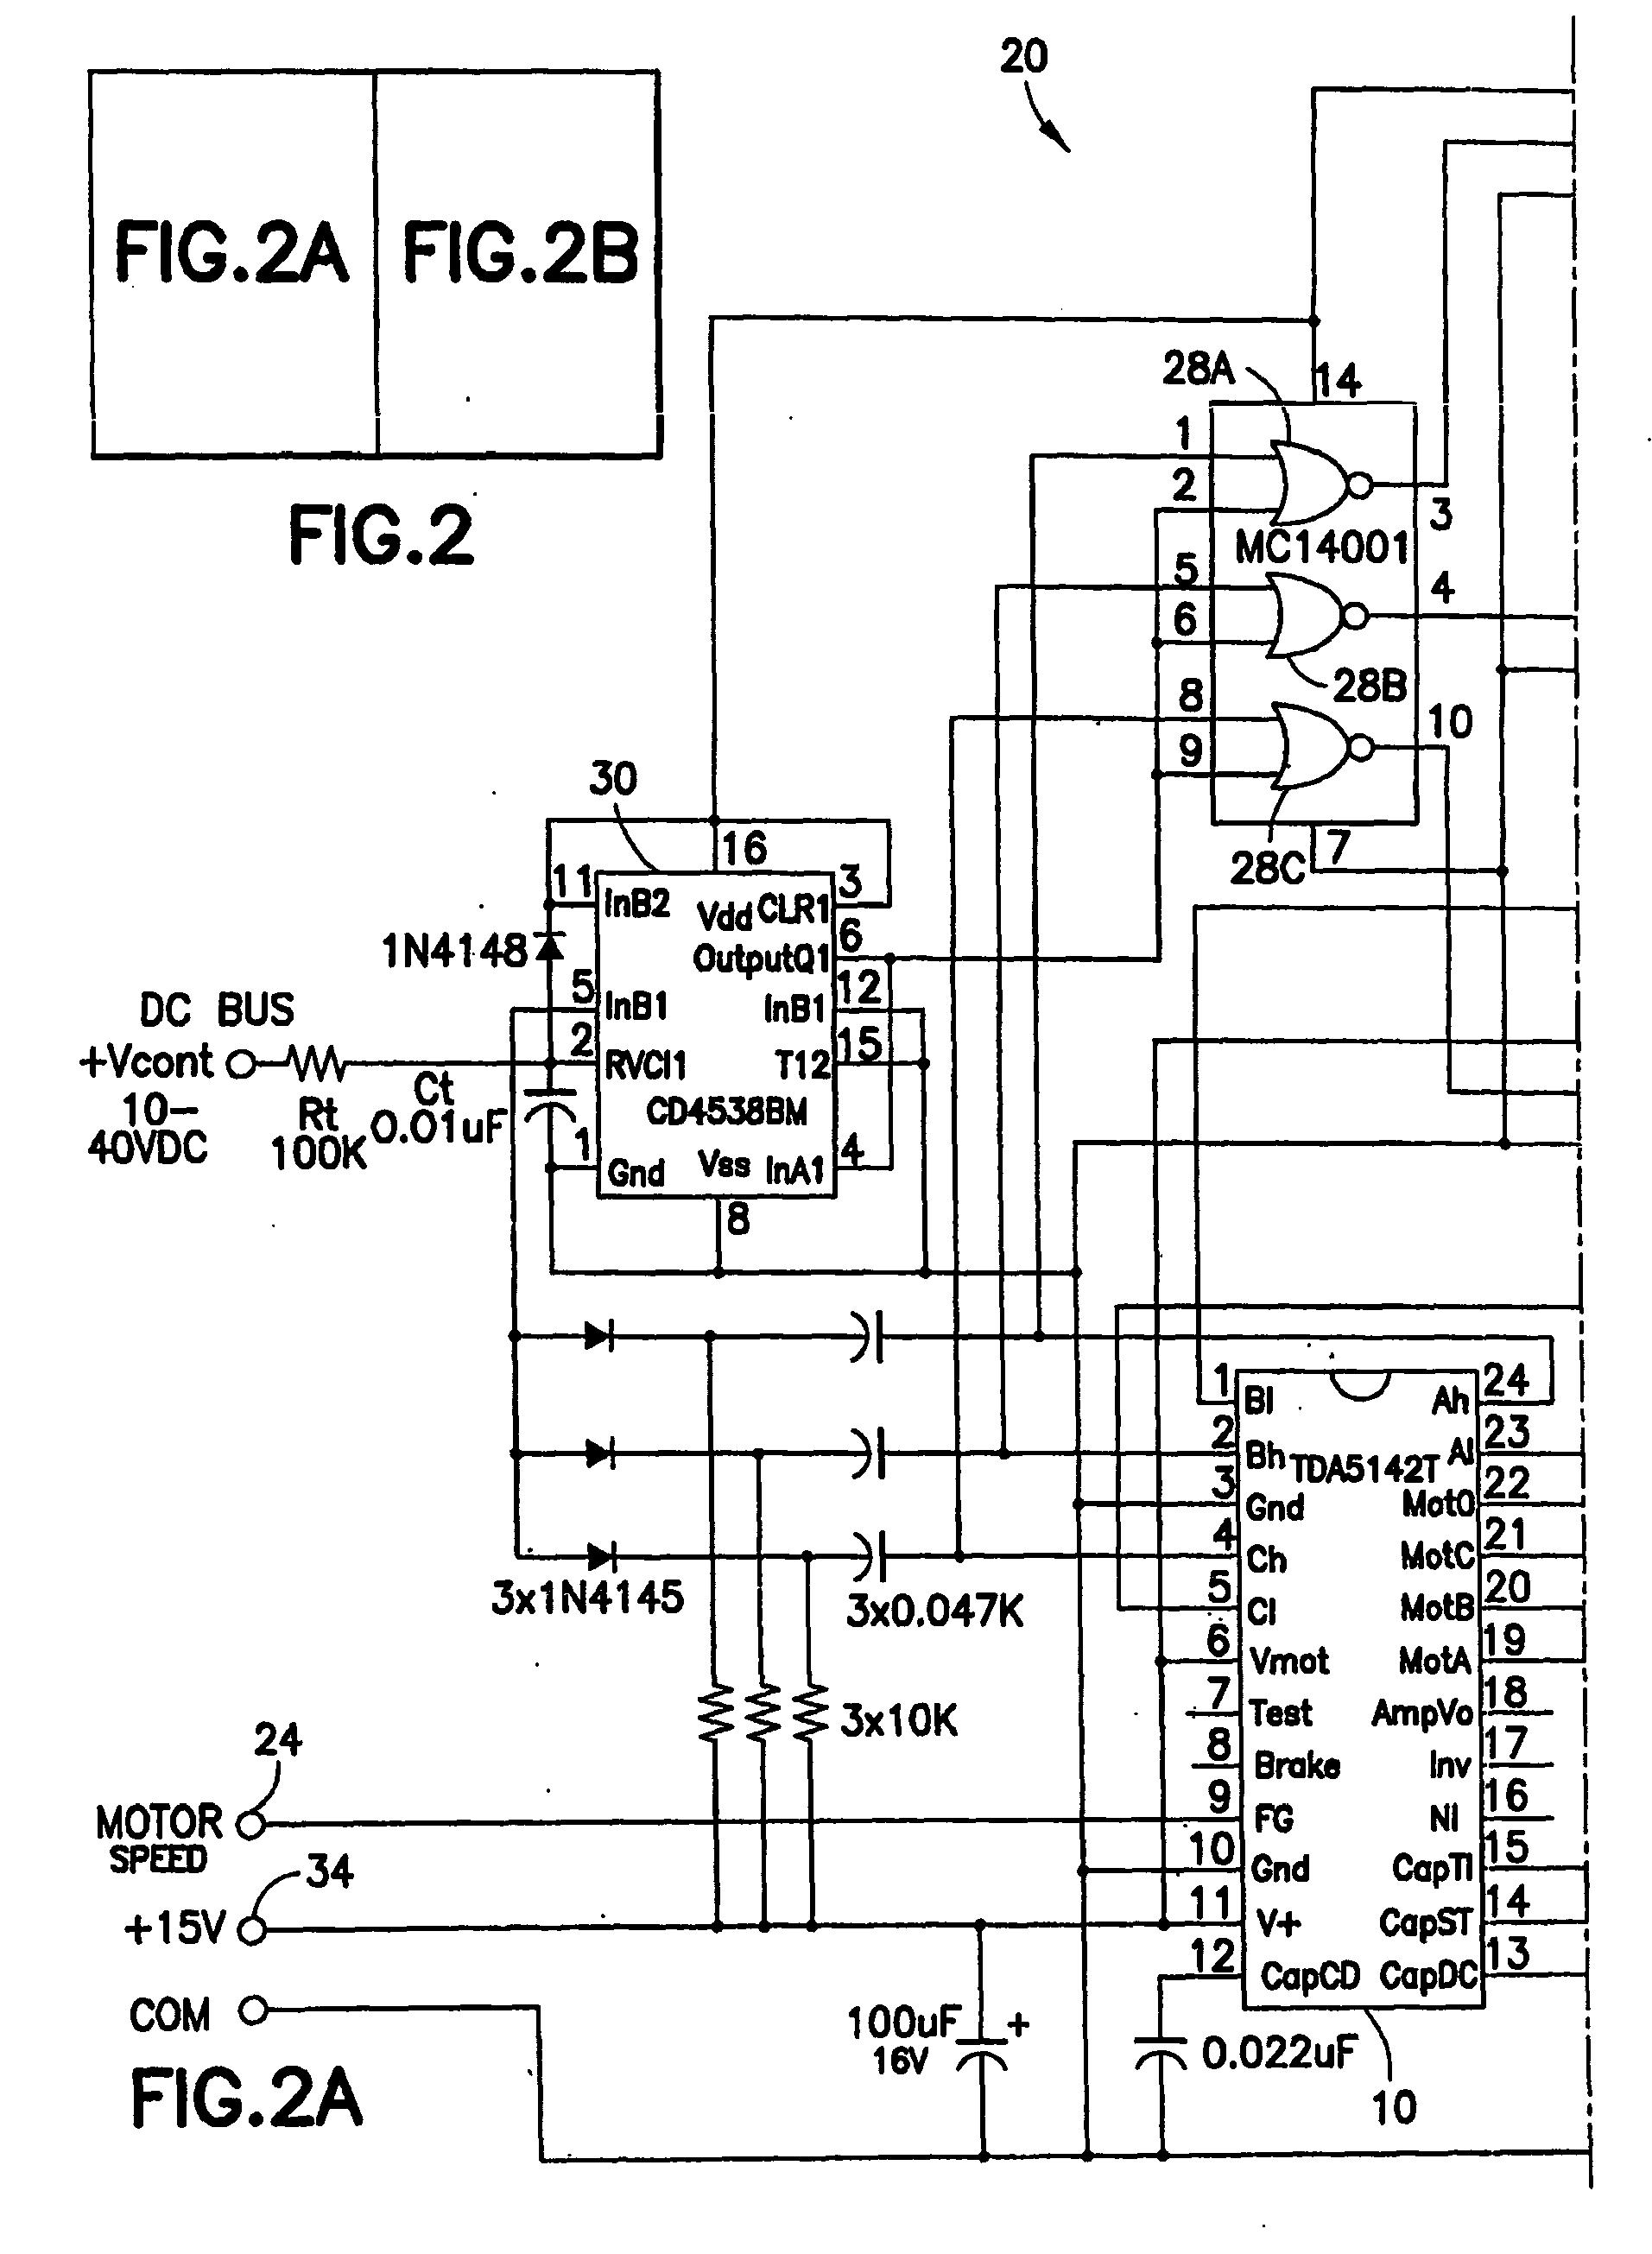 Circuitlab 555 Timer As Astable Multivibrator Oscillator Design 102